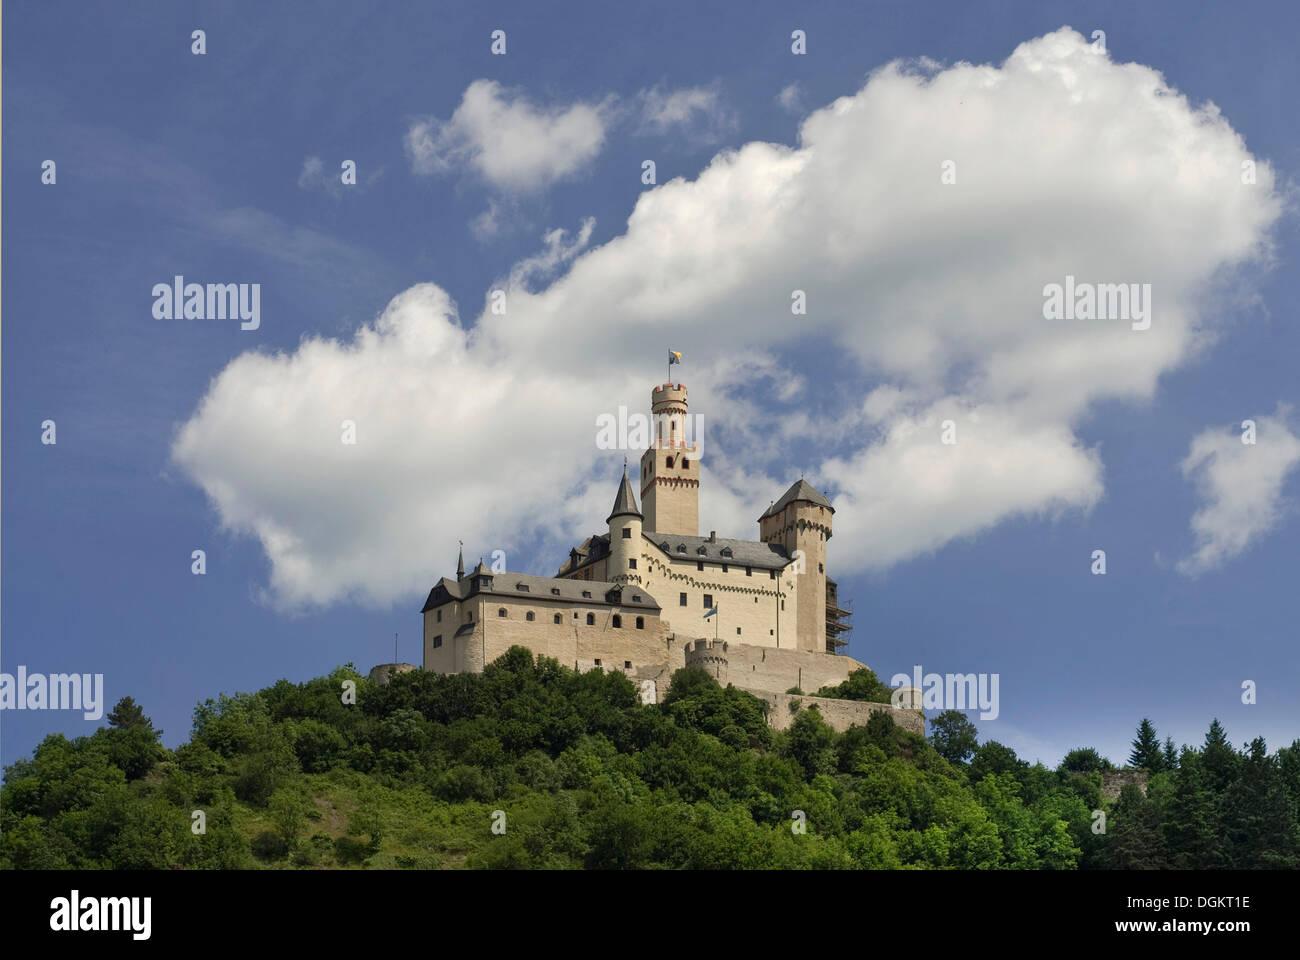 Castillo Marksburg, asiento del castillo Alemán eV Asociación, DBV, el romántico valle del Rin, Patrimonio Mundial de la UNESCO Ste Oberes Imagen De Stock